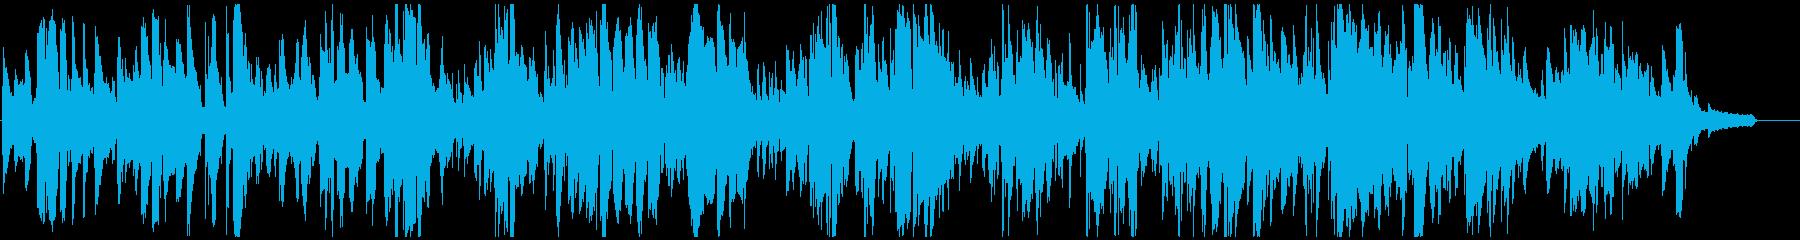 すごく渋いジャズバラード サックス生録の再生済みの波形